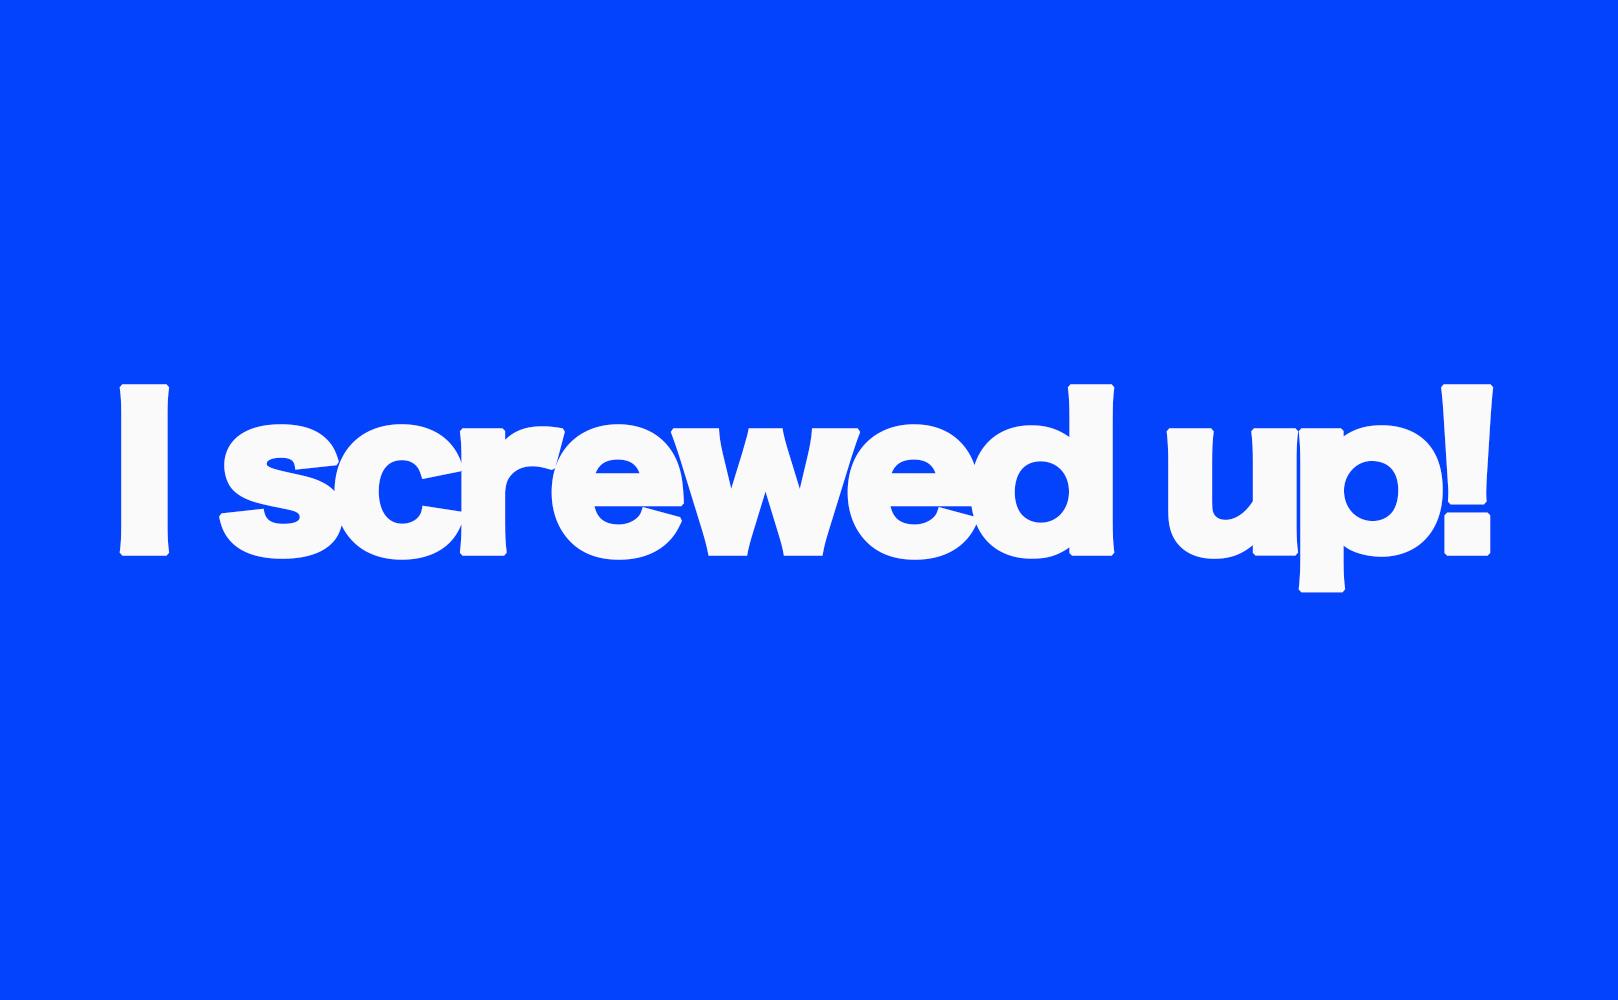 screw up